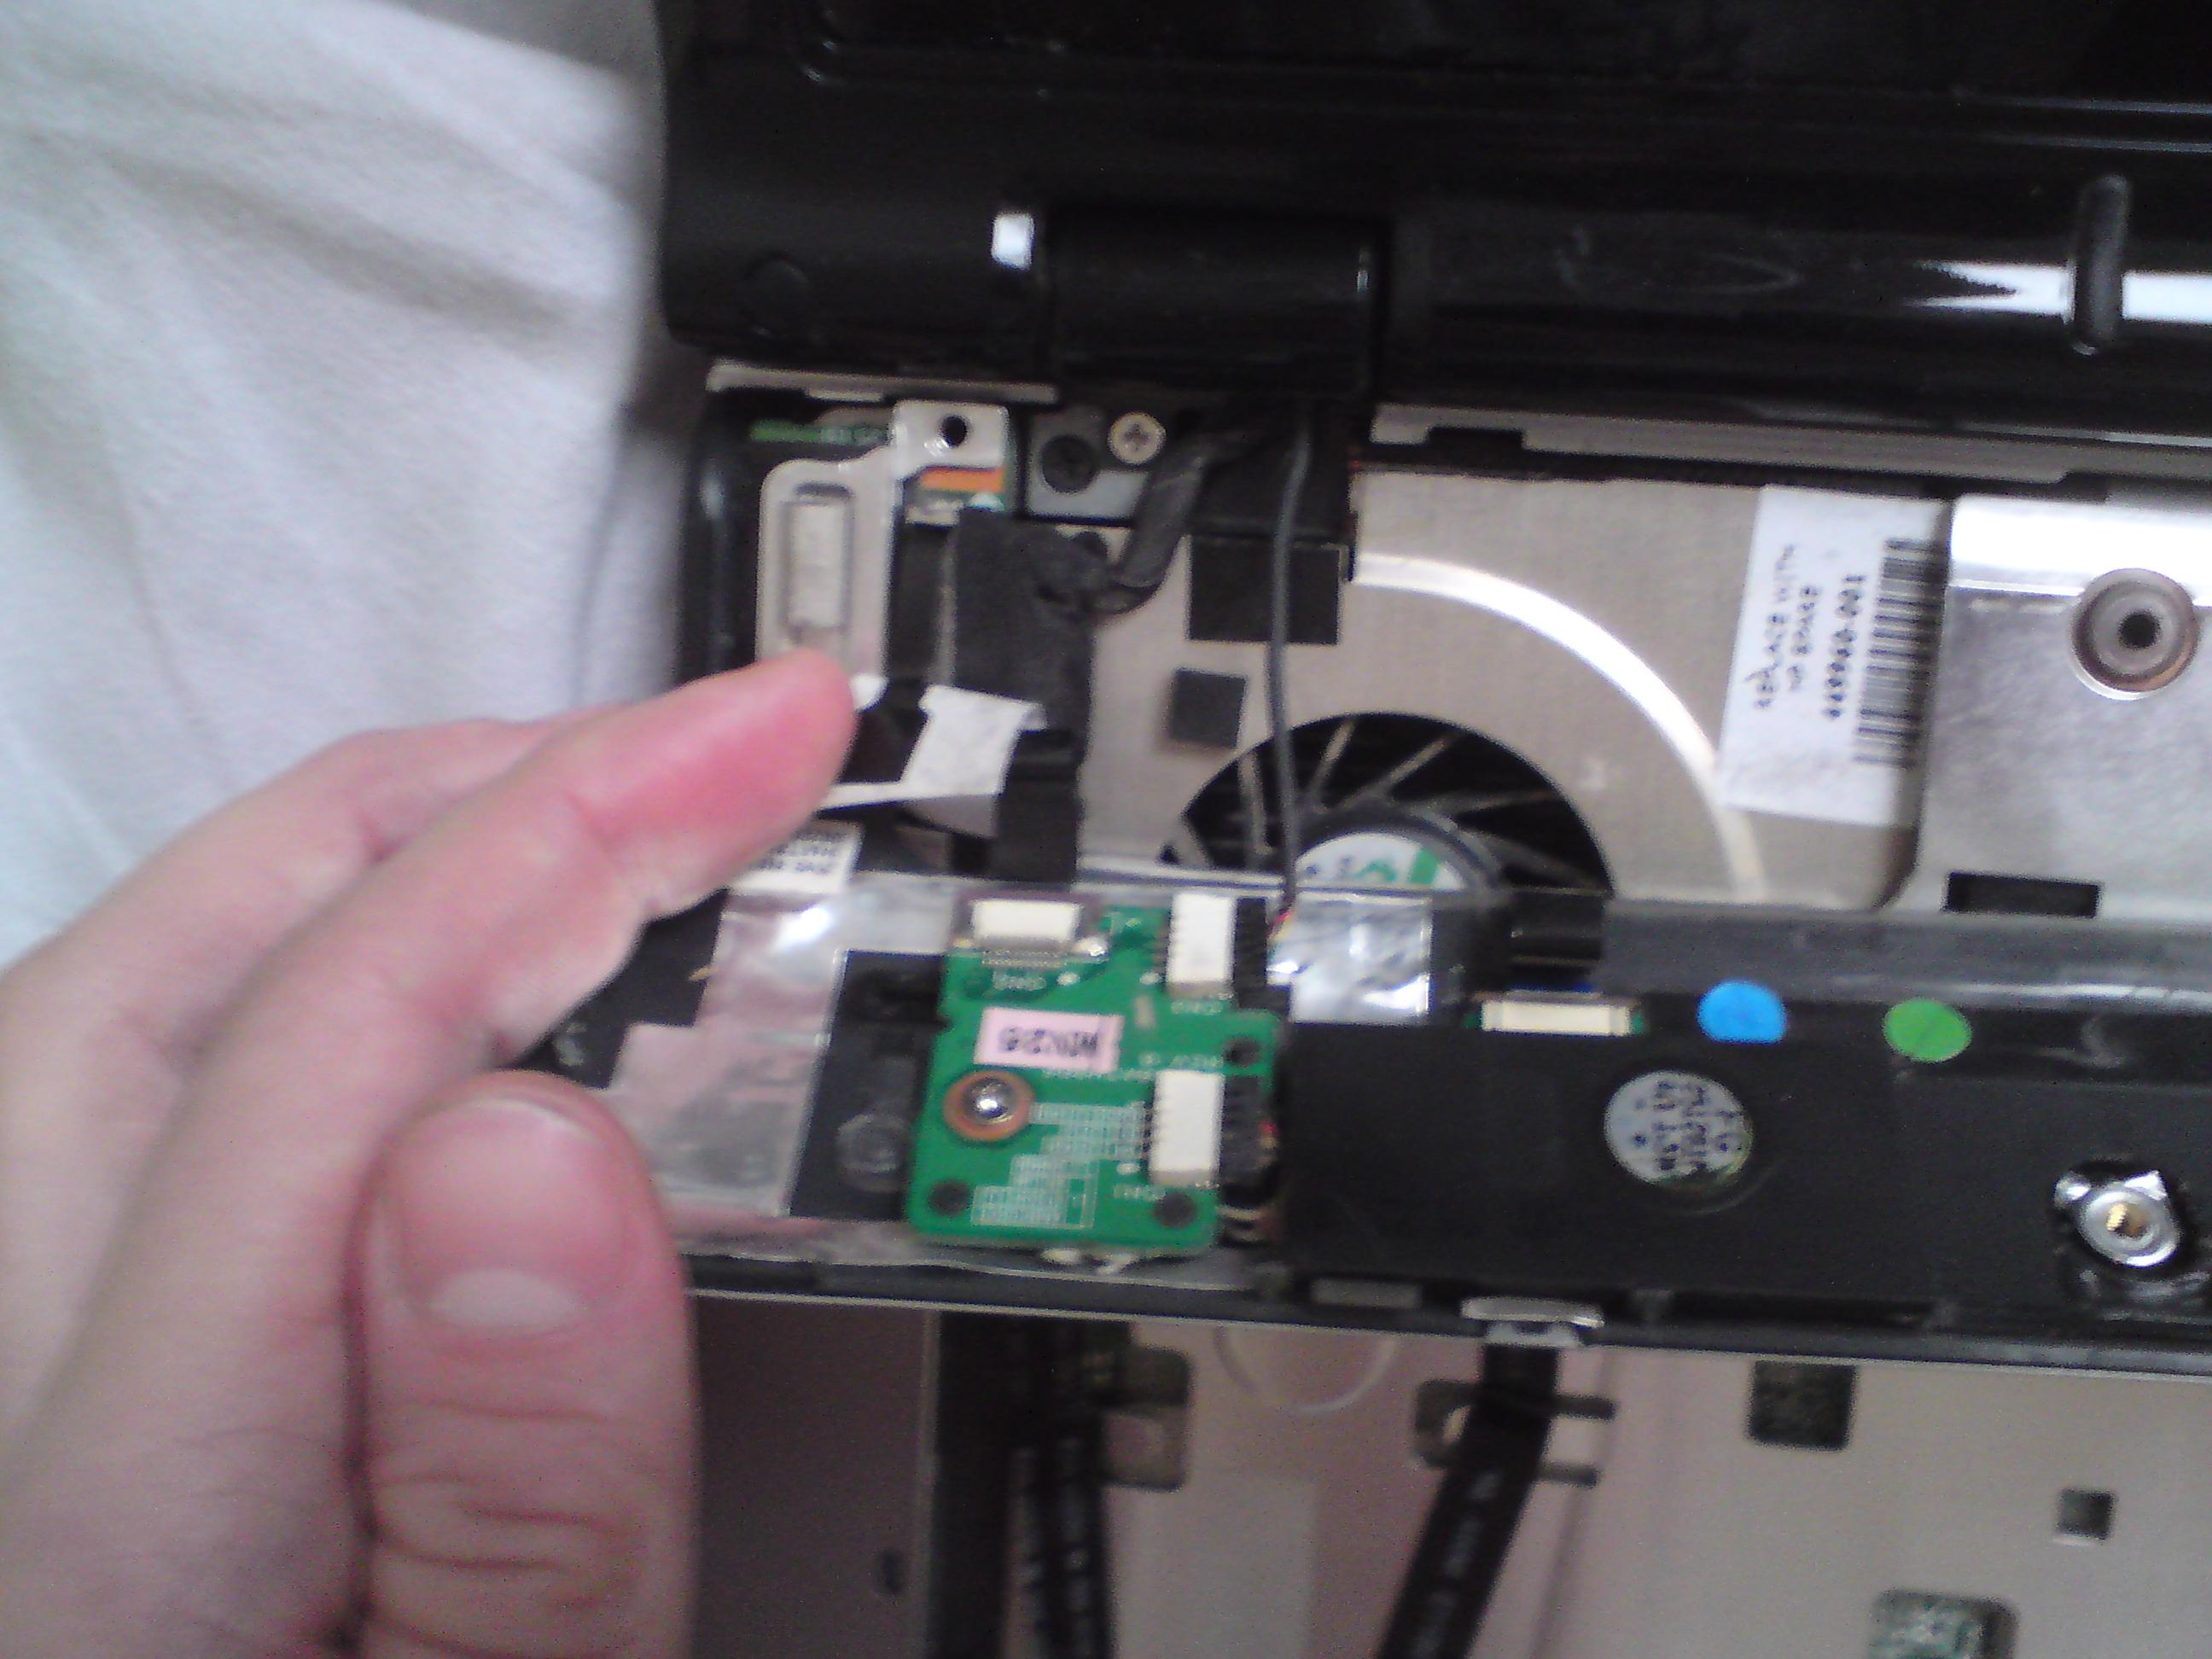 HP DV 6000 - Kamerka dv6000 raz dziala raz nie jaka przyczyna?